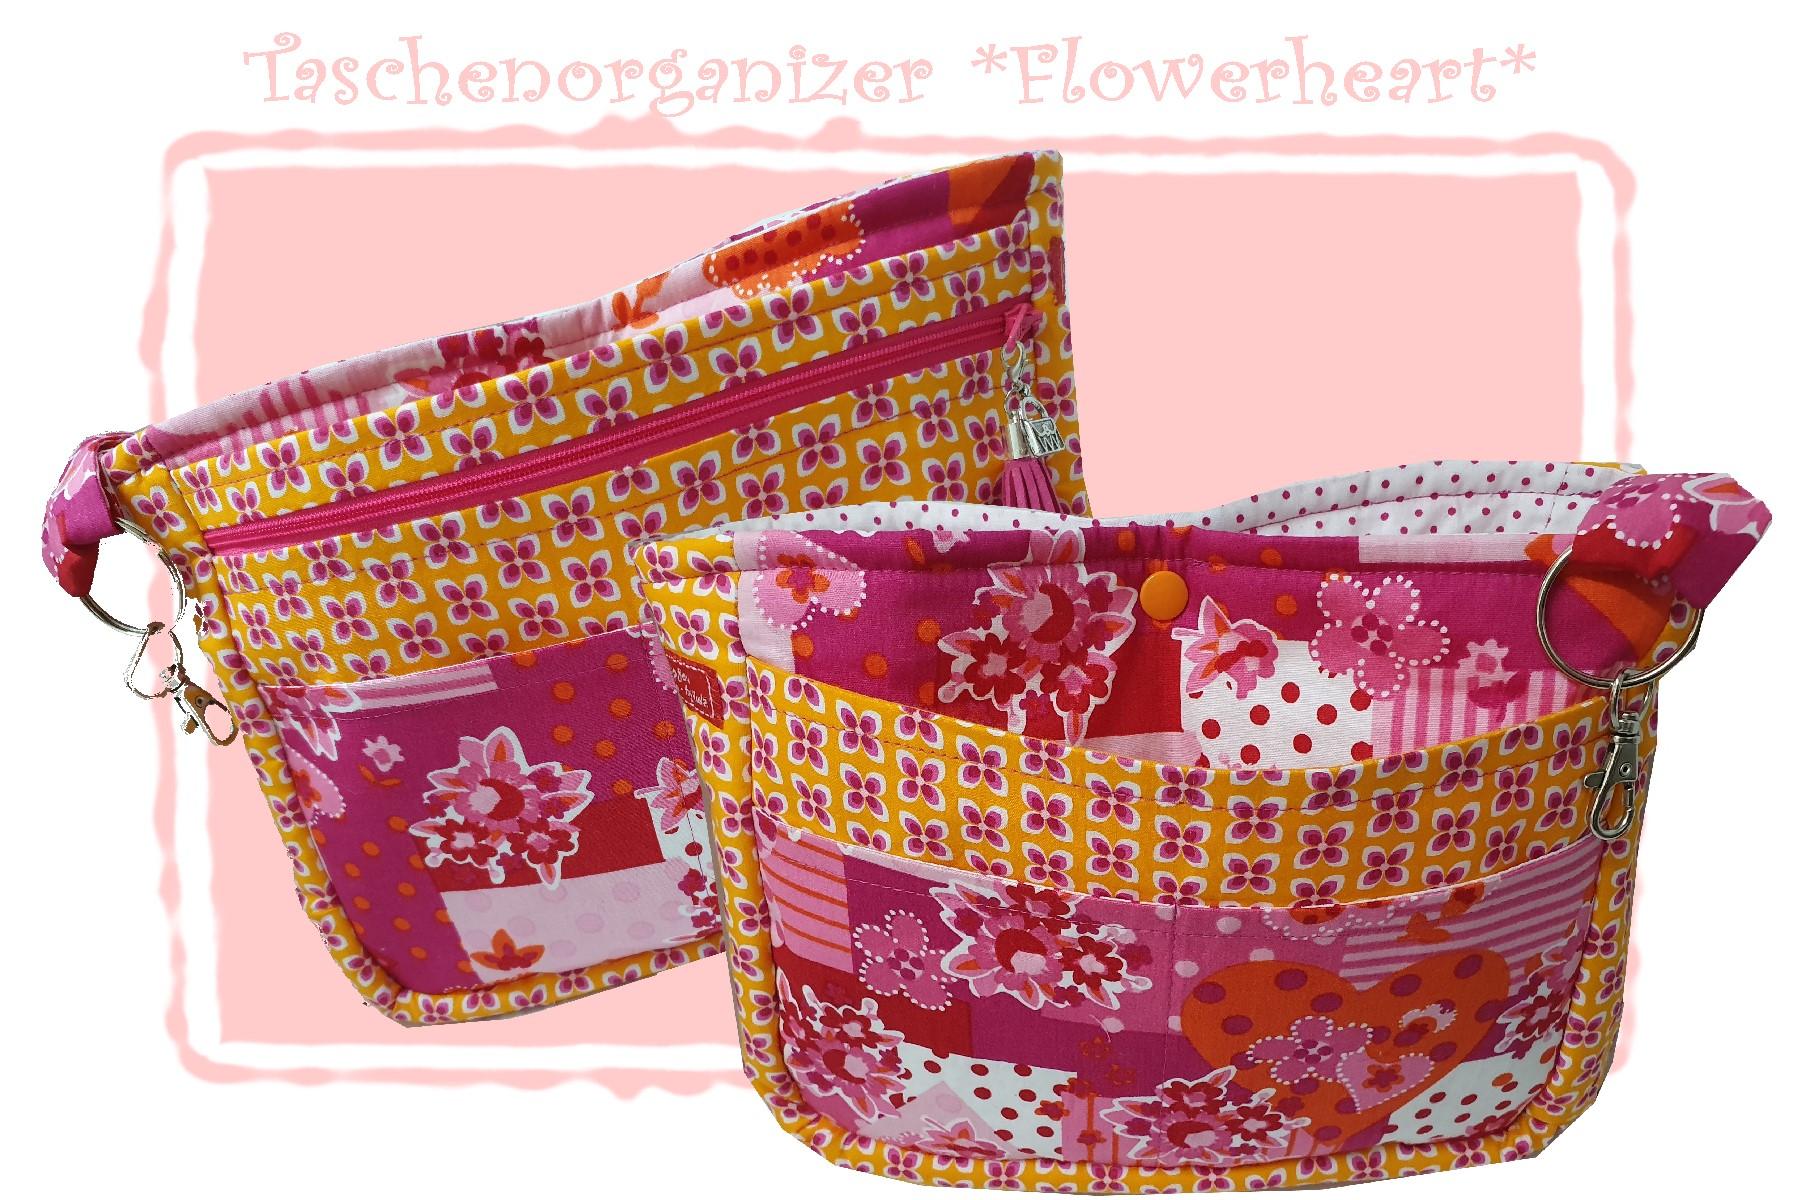 Taschen-Organizer *Flowerheart*  34,00 €